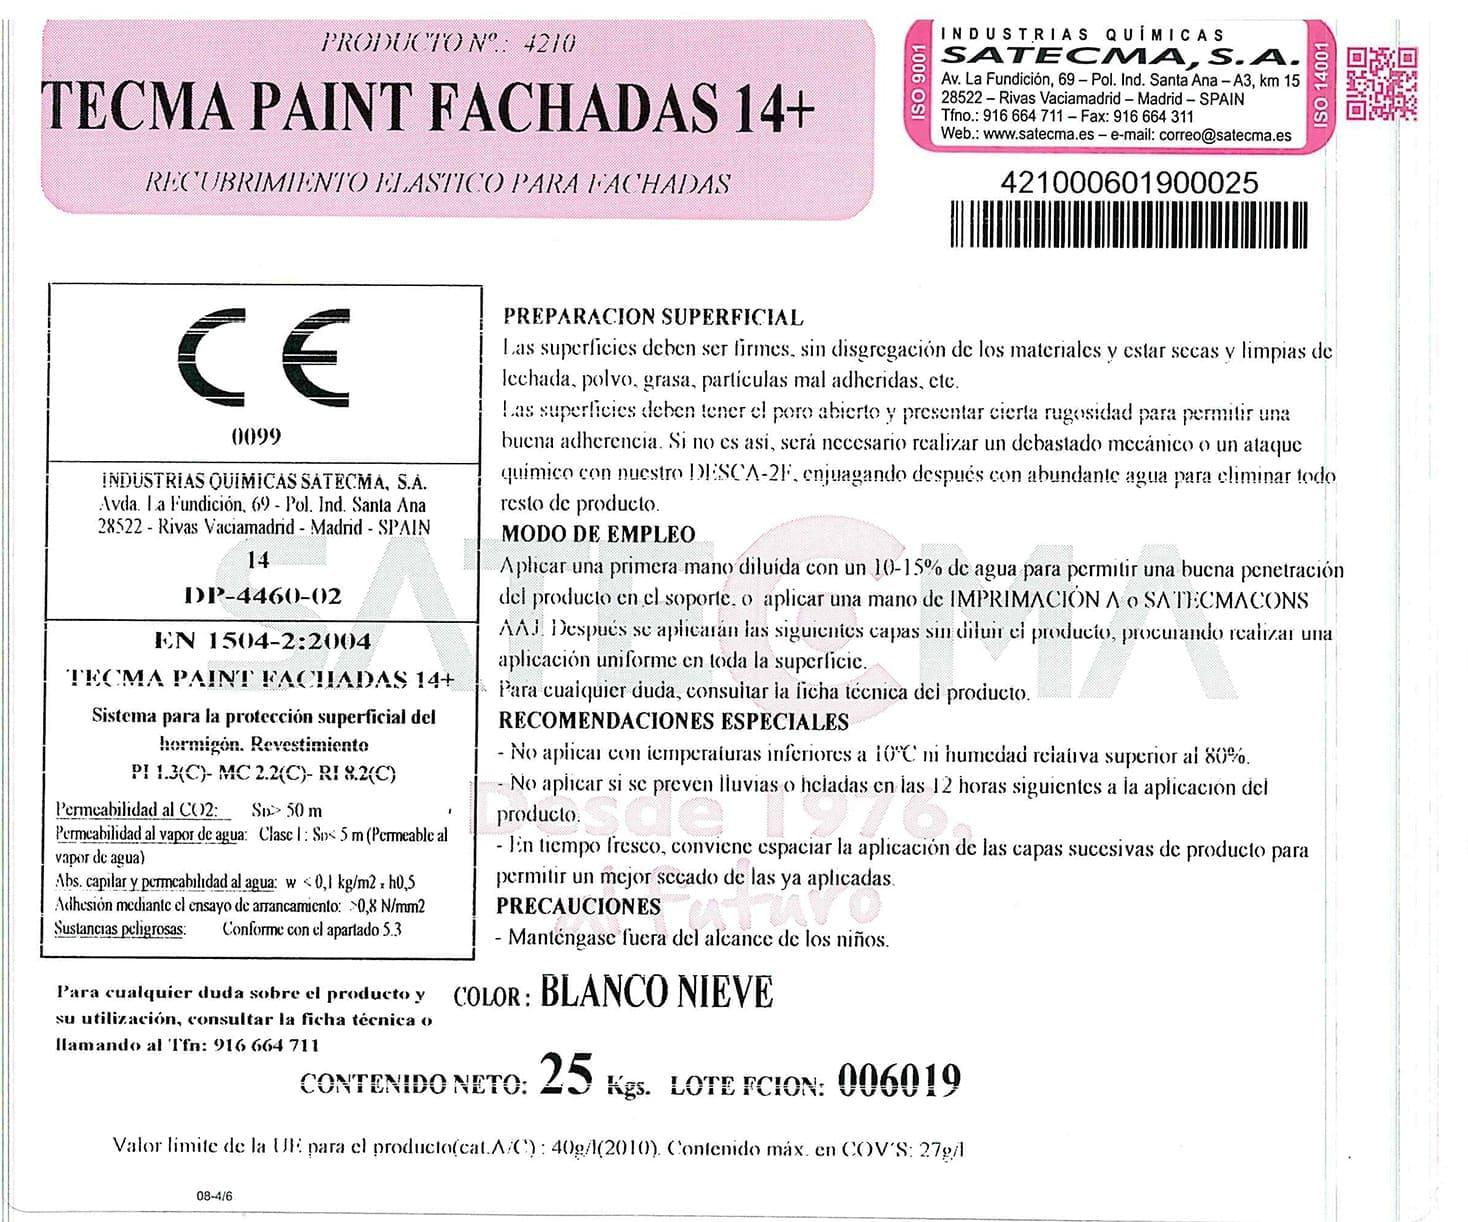 etiqueta recubrimiento elástico fachadas